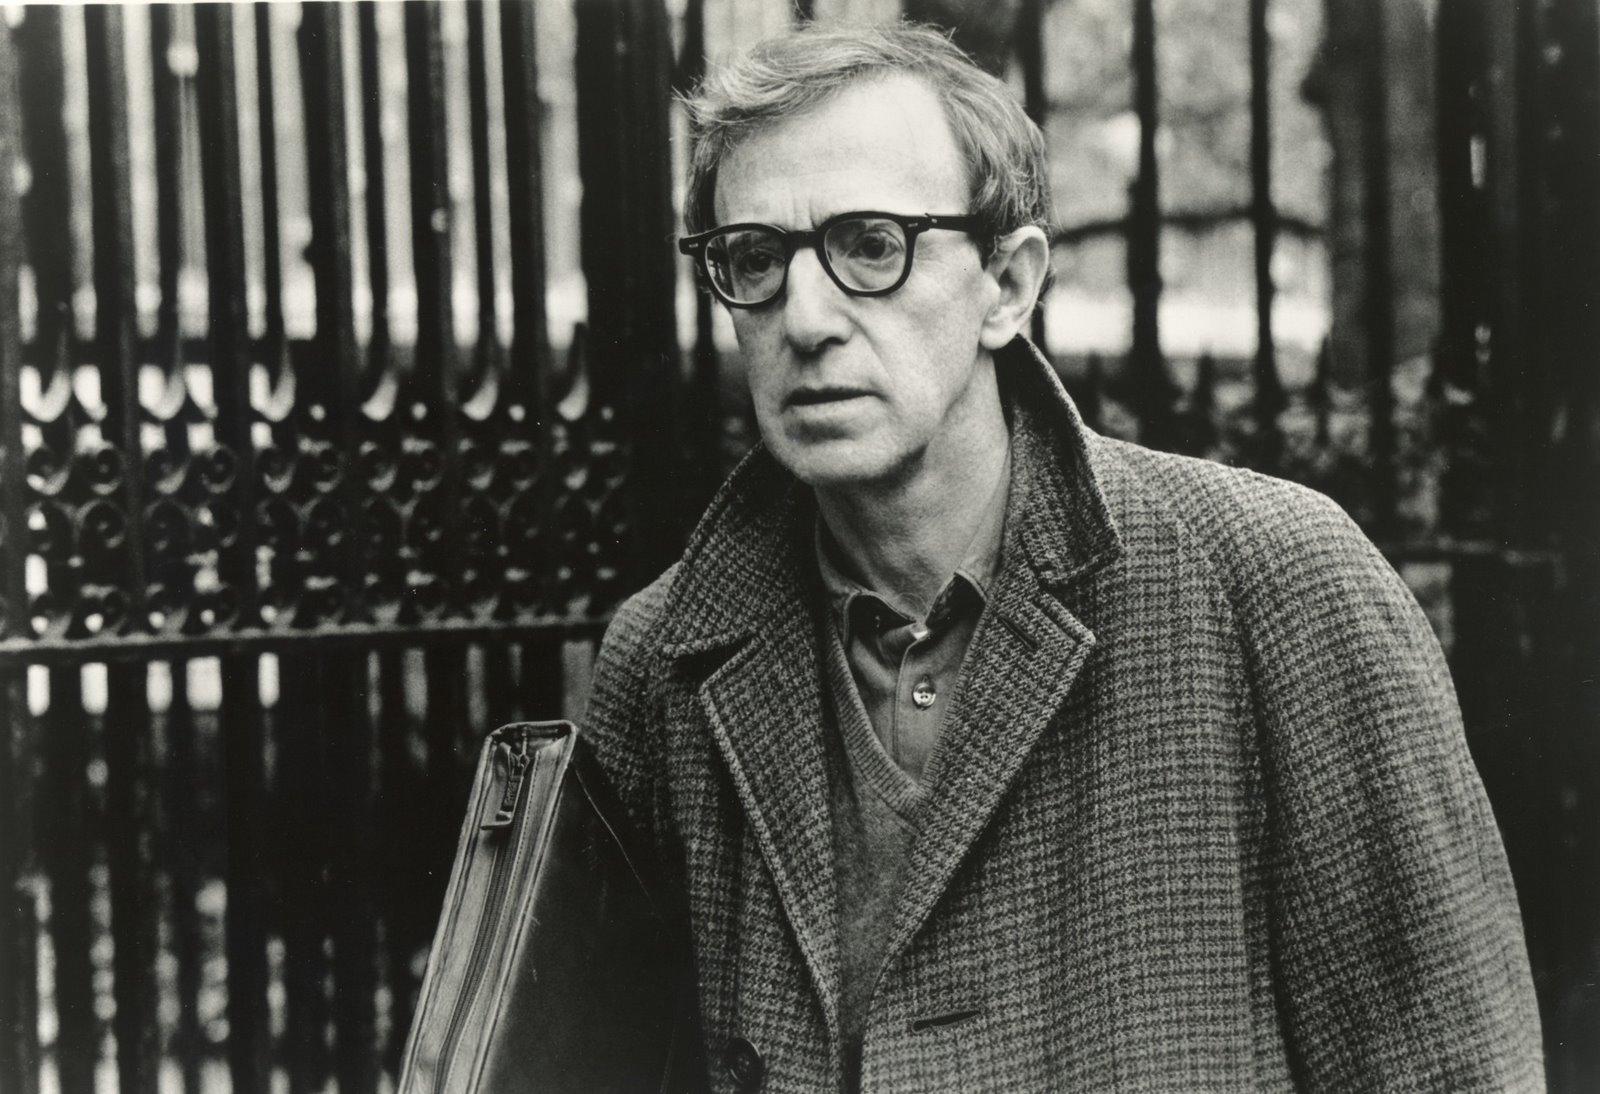 Woody-Allen-in-Fading-Gigolo-la-nuova-commedia-diretta-da-John-Turturro